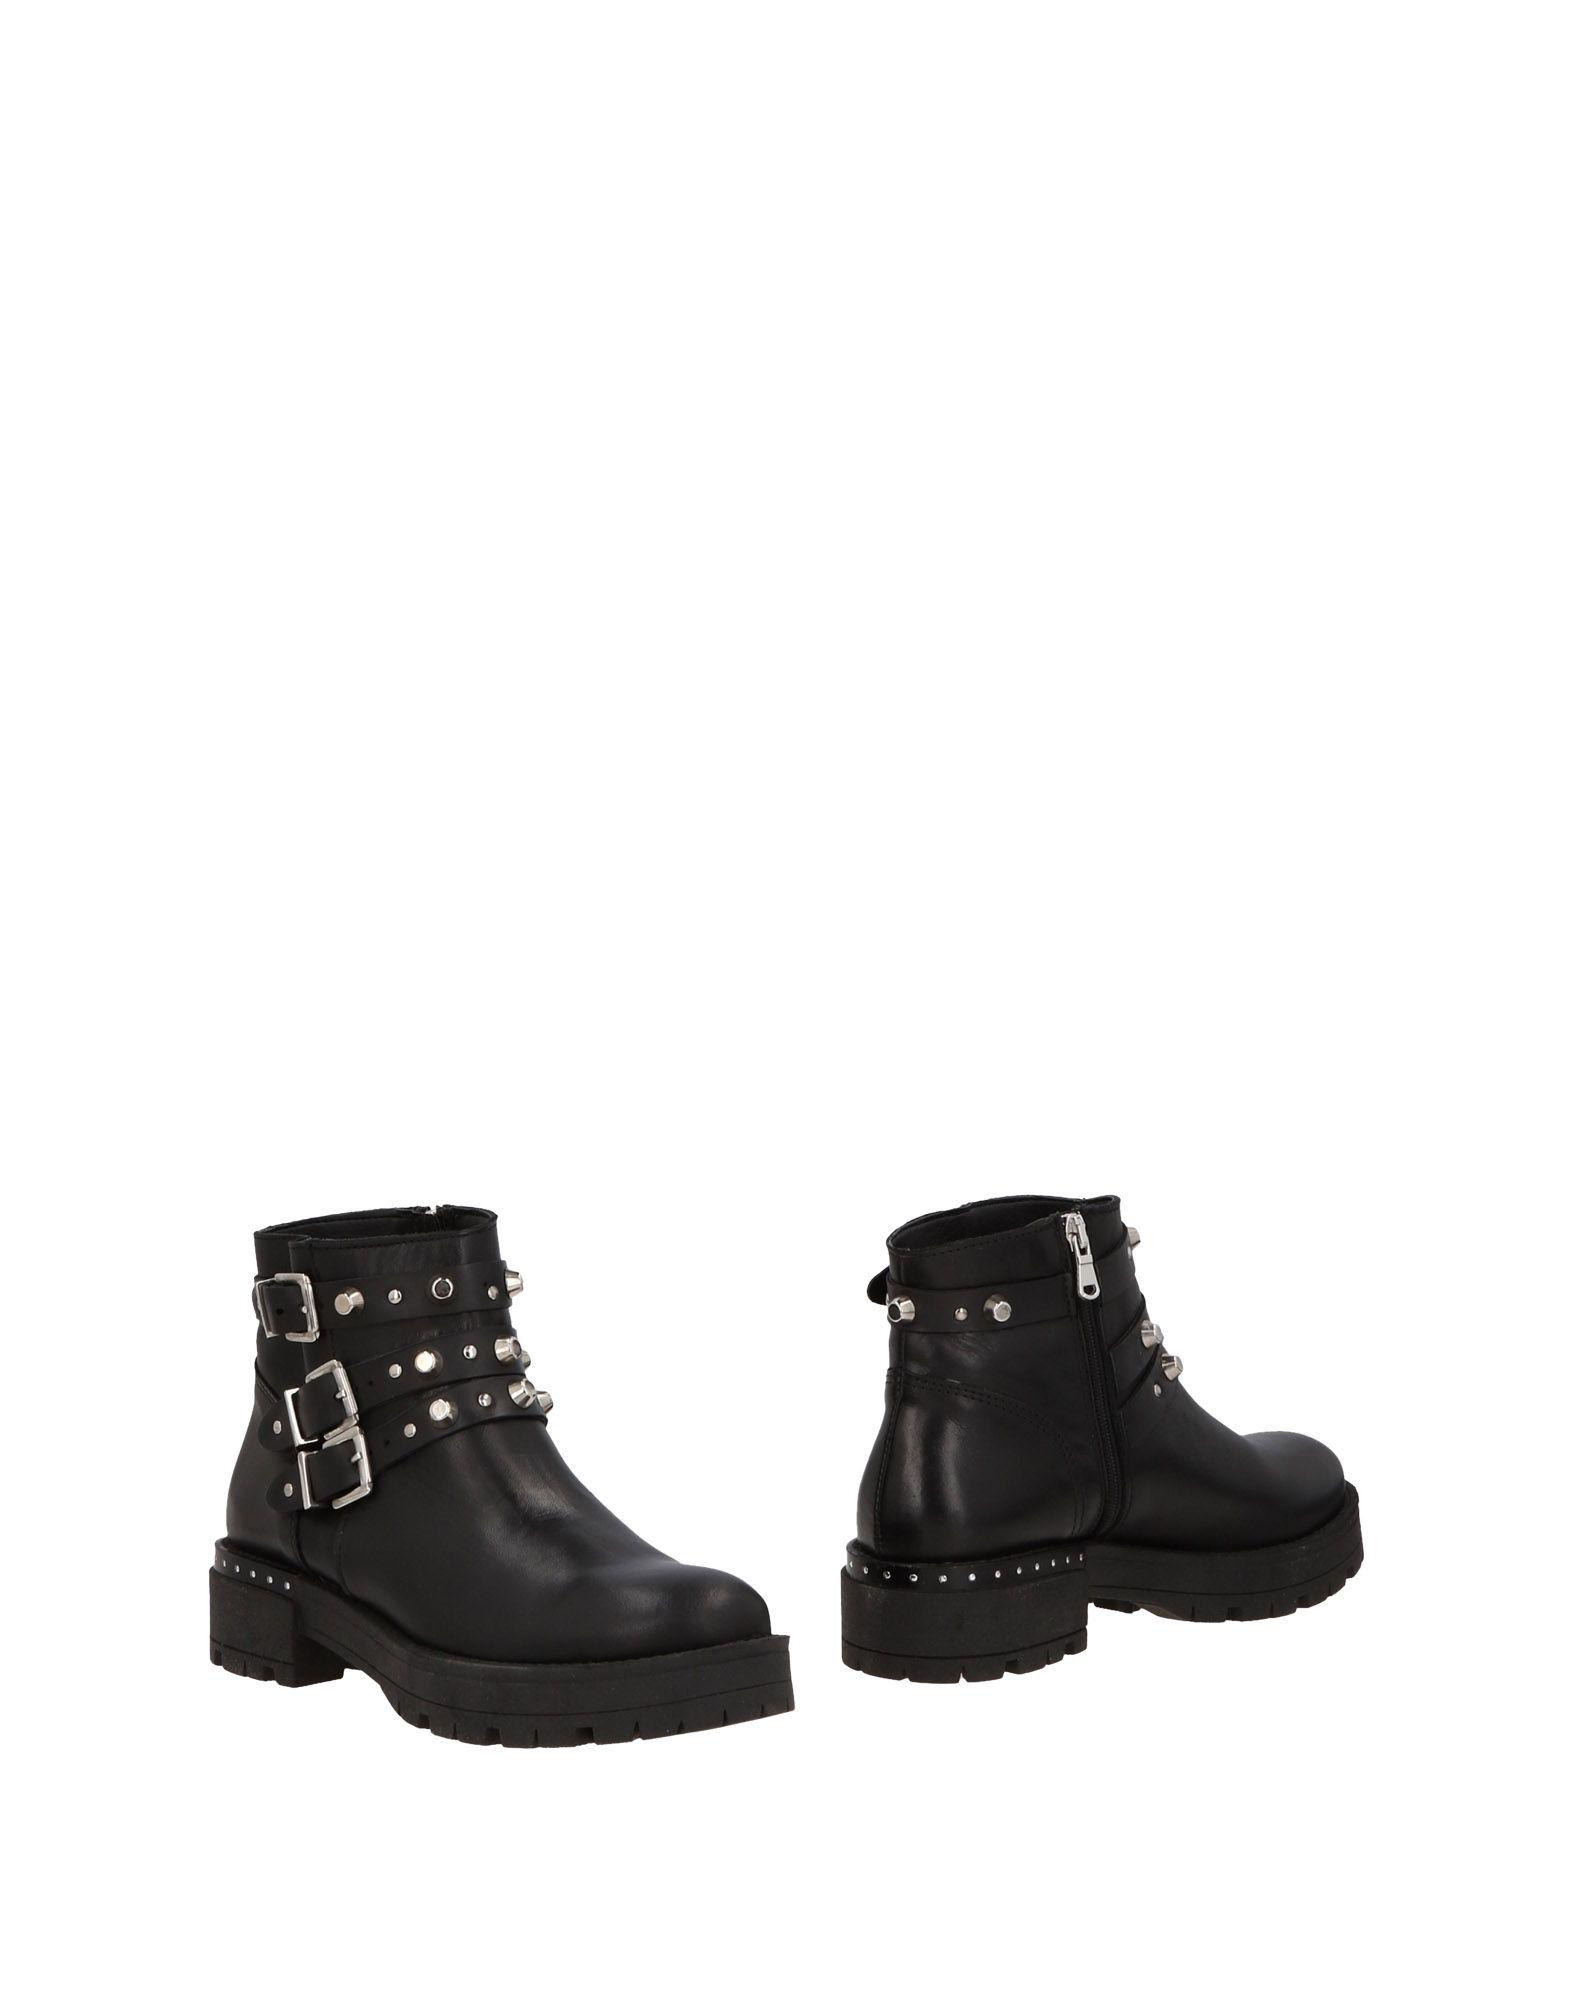 Unlace Stiefelette Damen  11474849HA Gute Qualität beliebte Schuhe